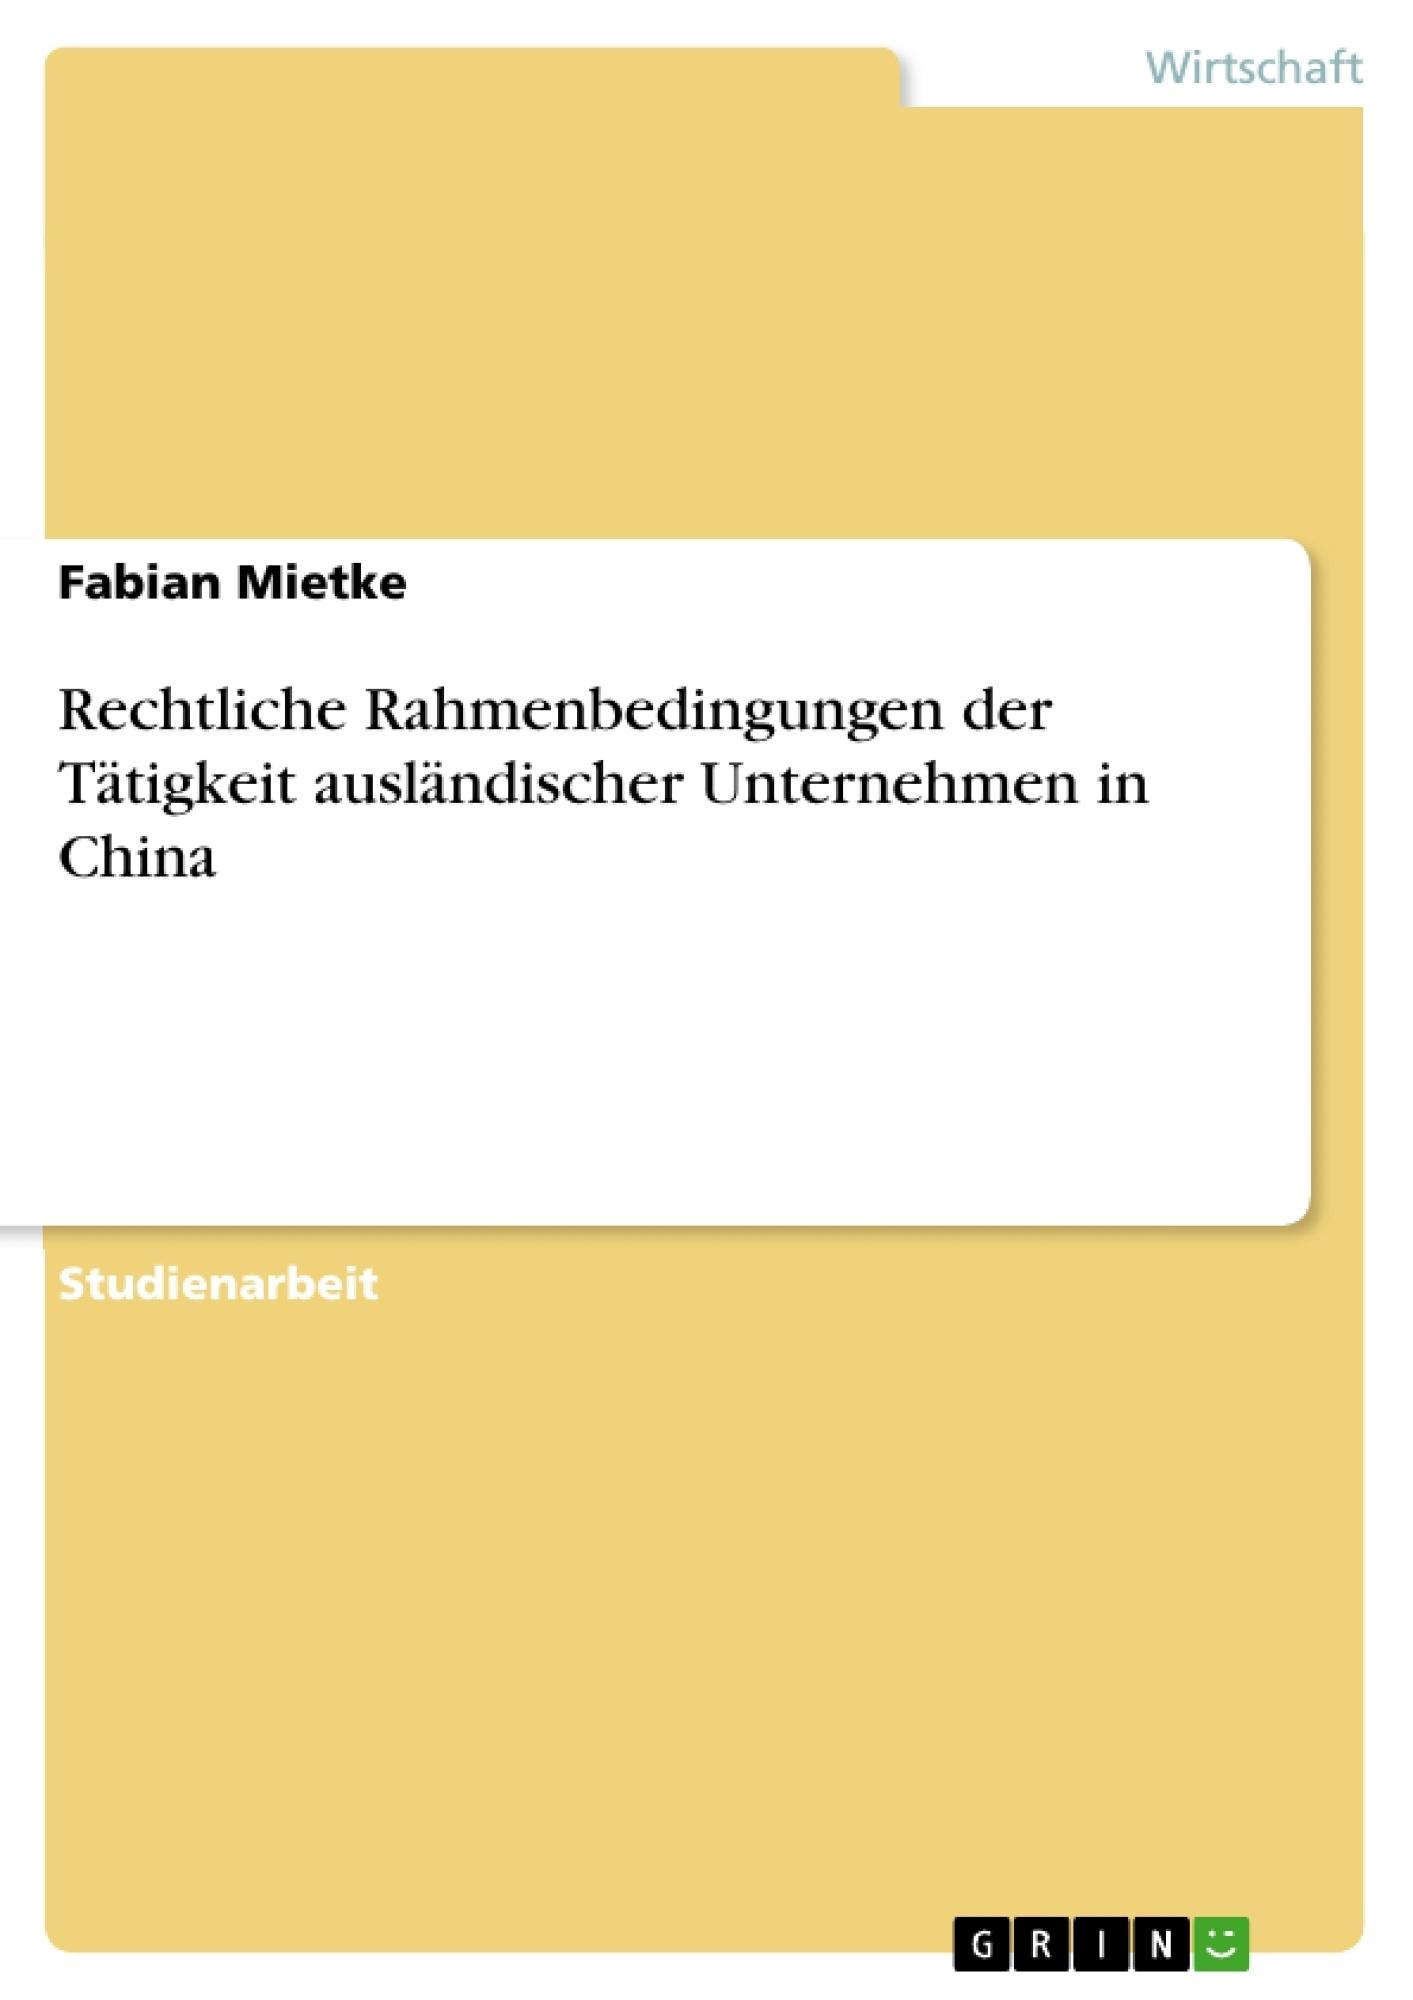 Titel: Rechtliche Rahmenbedingungen der Tätigkeit ausländischer Unternehmen in China